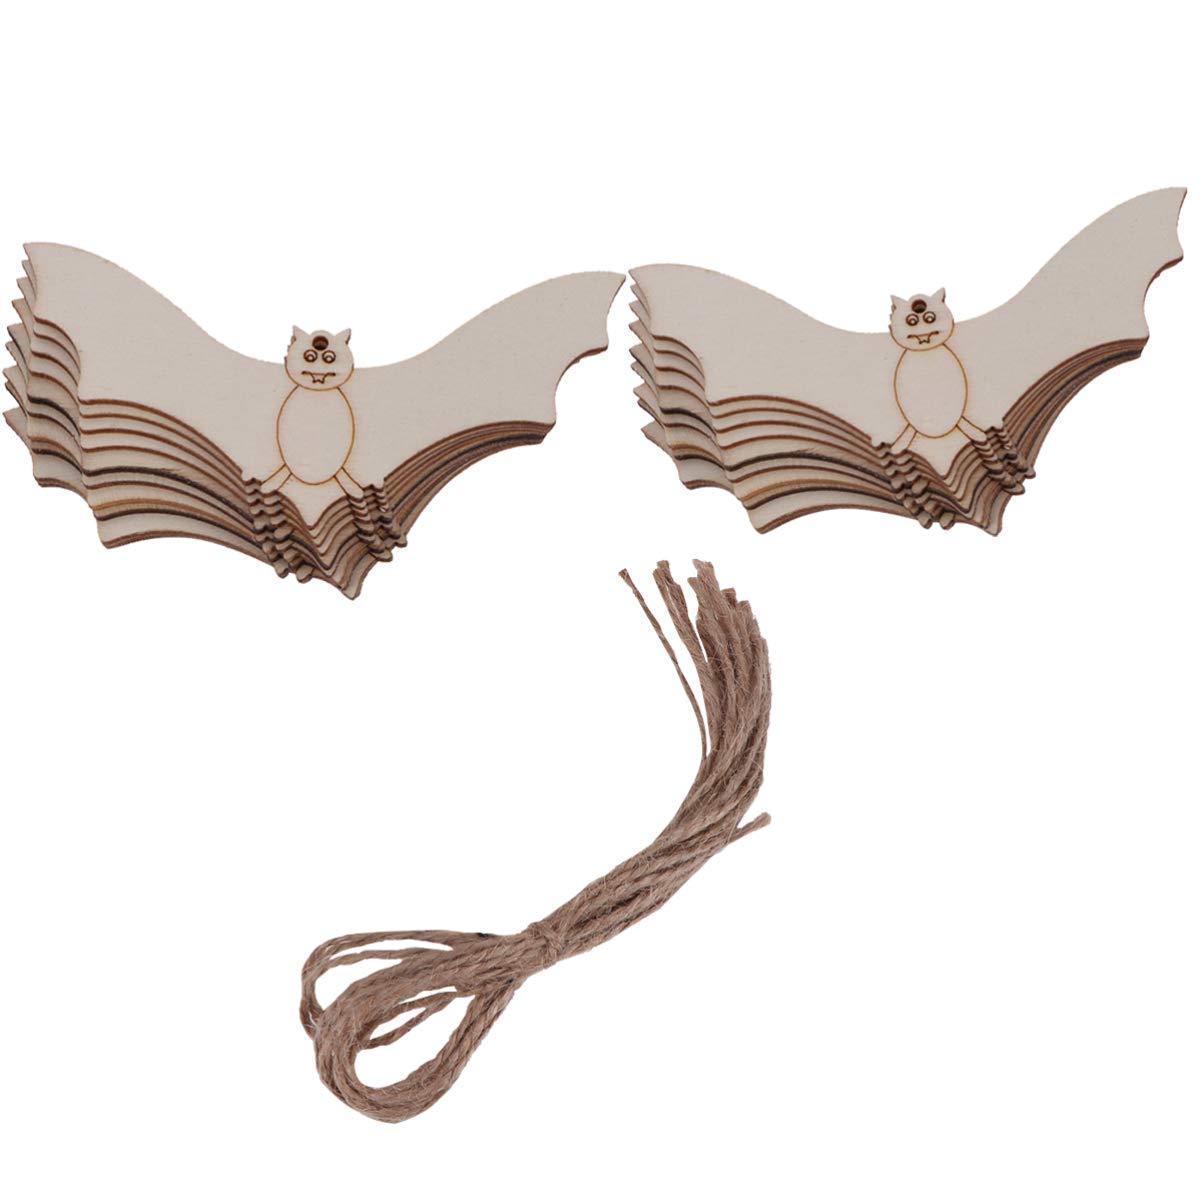 Amosfun 20pz Ornamento Appeso in Legno Etichette Regalo a Forma di Pipistrello Abbellimenti Appesi Ornamenti per Halloween Fai da Te